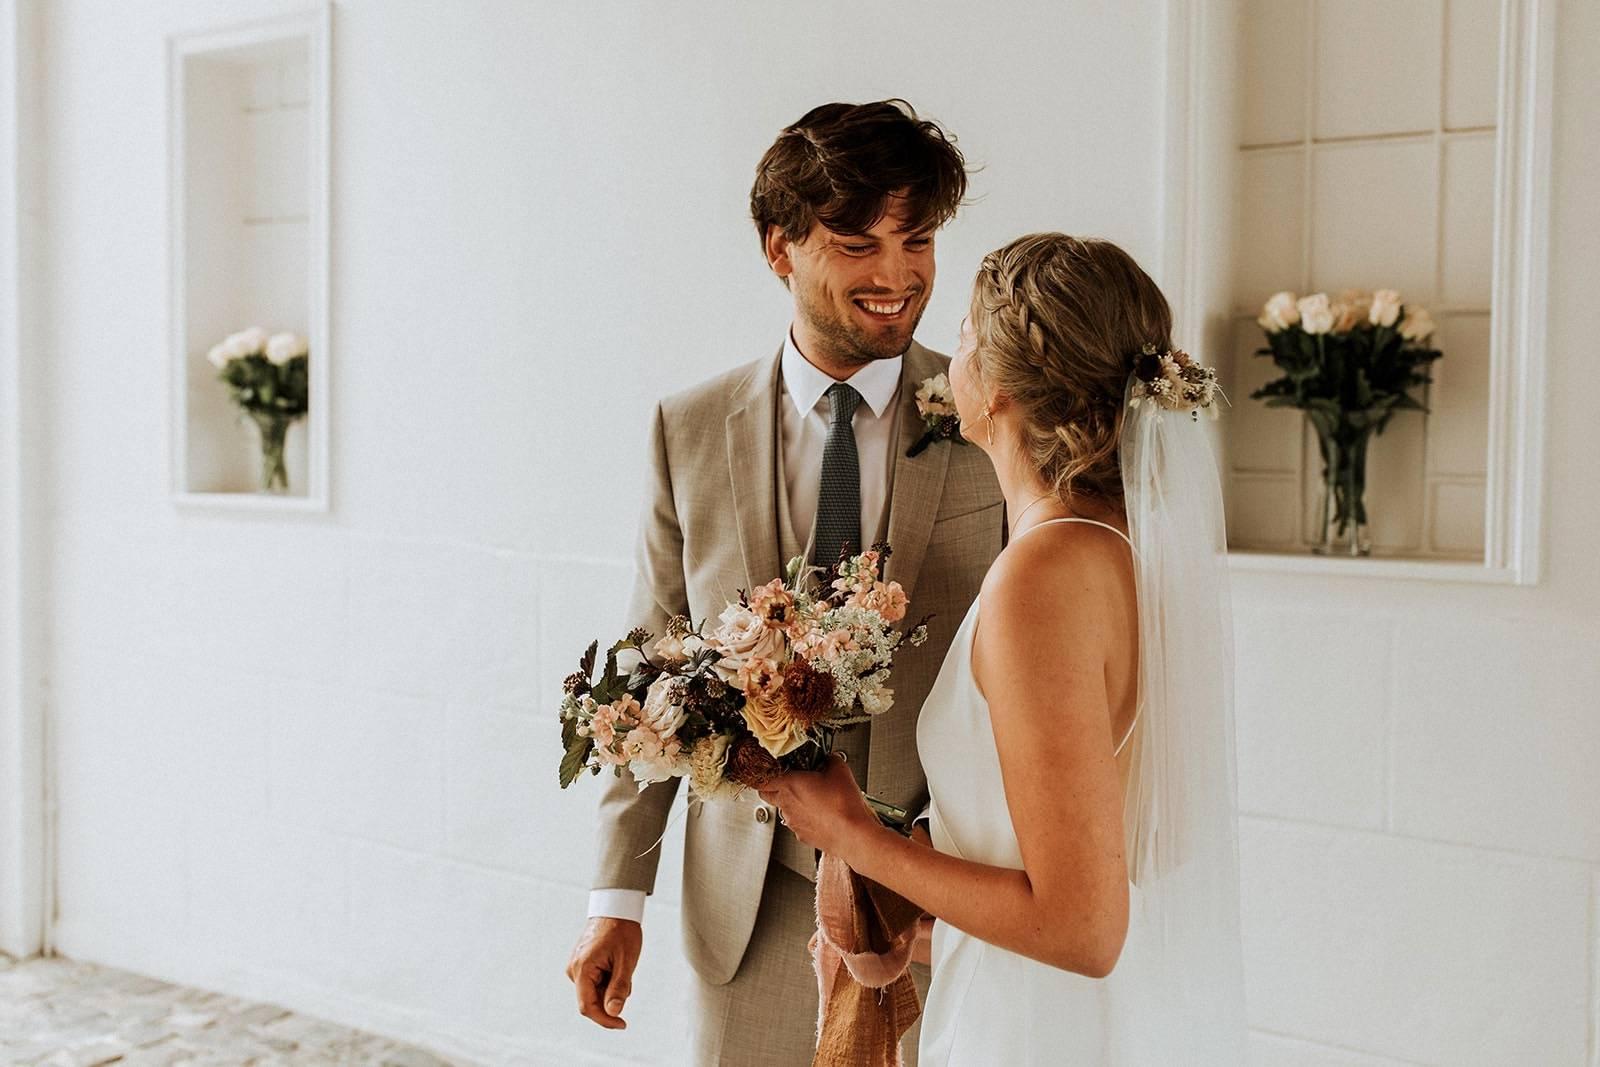 Ateljee Boekee - Bloemen - House Of Weddings - 11